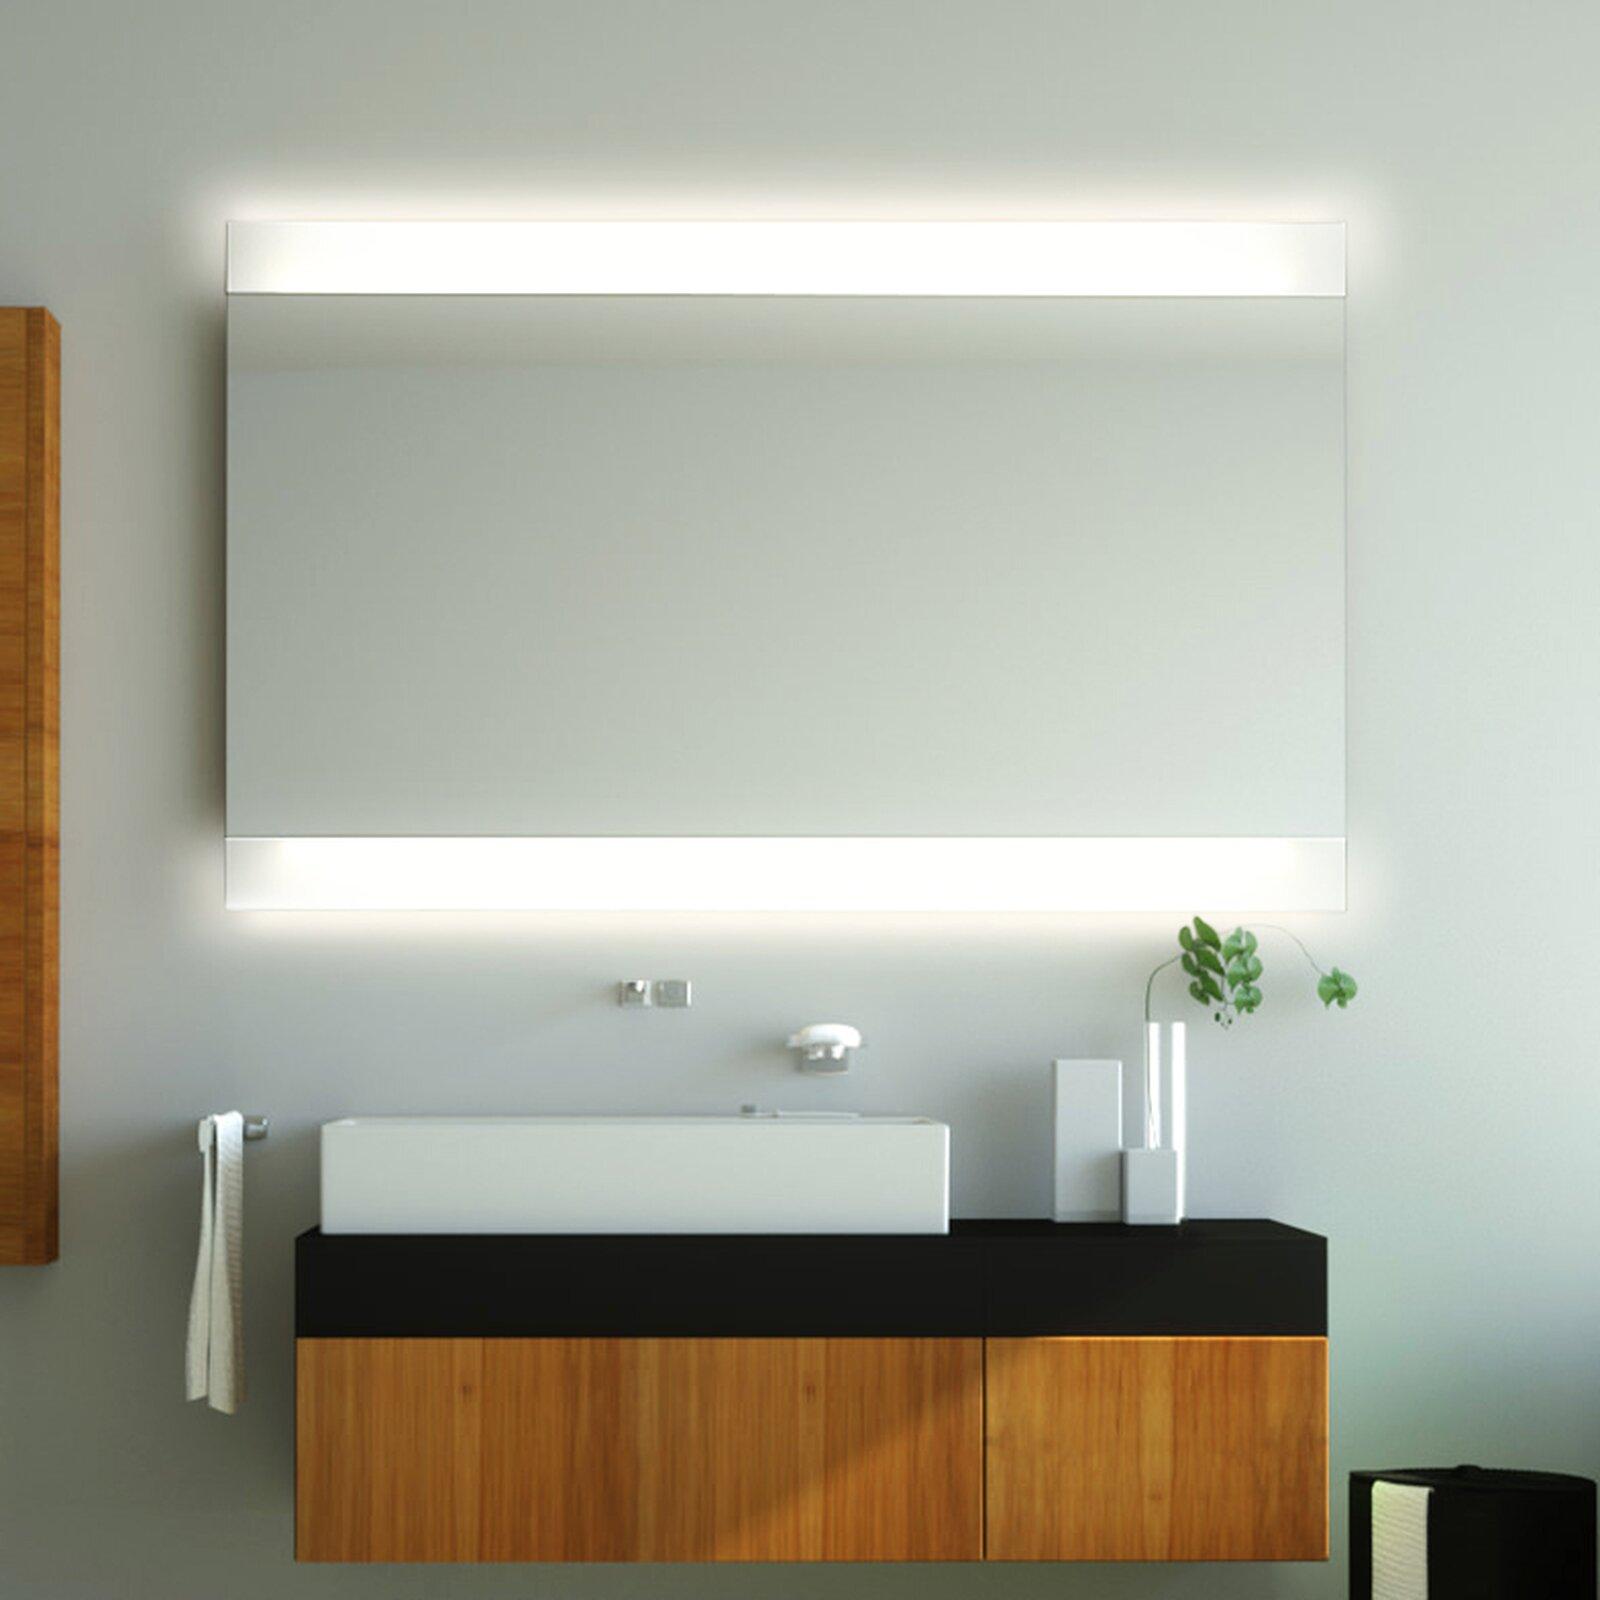 badspiegel phobos td beleuchtet sofort lieferbar. Black Bedroom Furniture Sets. Home Design Ideas